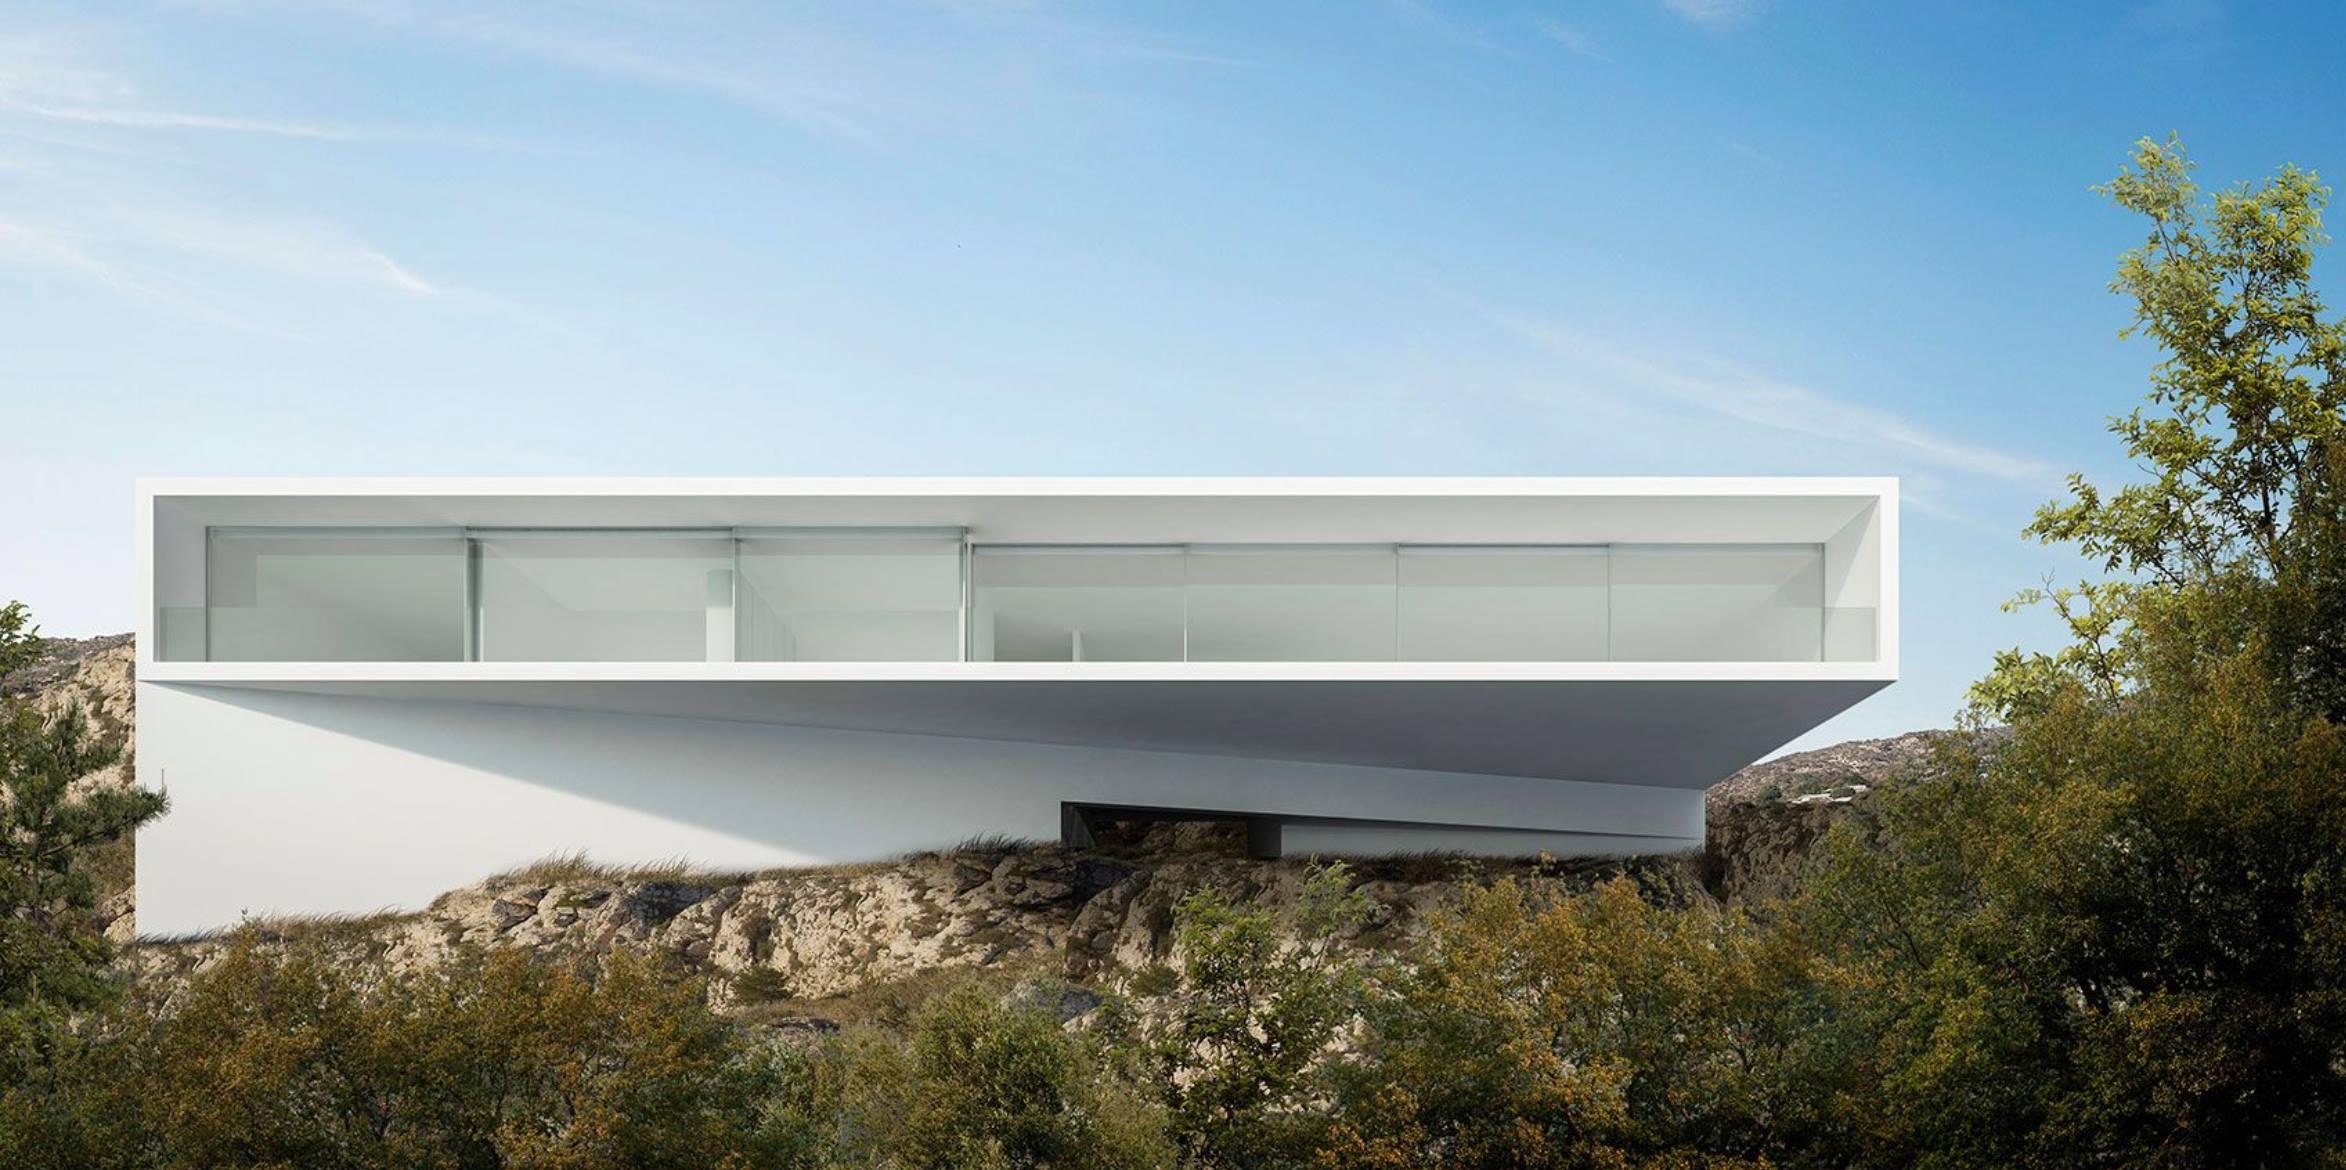 Diseño de interiores: Fran Silvestre Arquitectos una empresa de lujo diseño de interiores Diseño de interiores: Fran Silvestre Arquitectos una empresa de lujo 55560336 2497791670244834 8016845212930277376 o